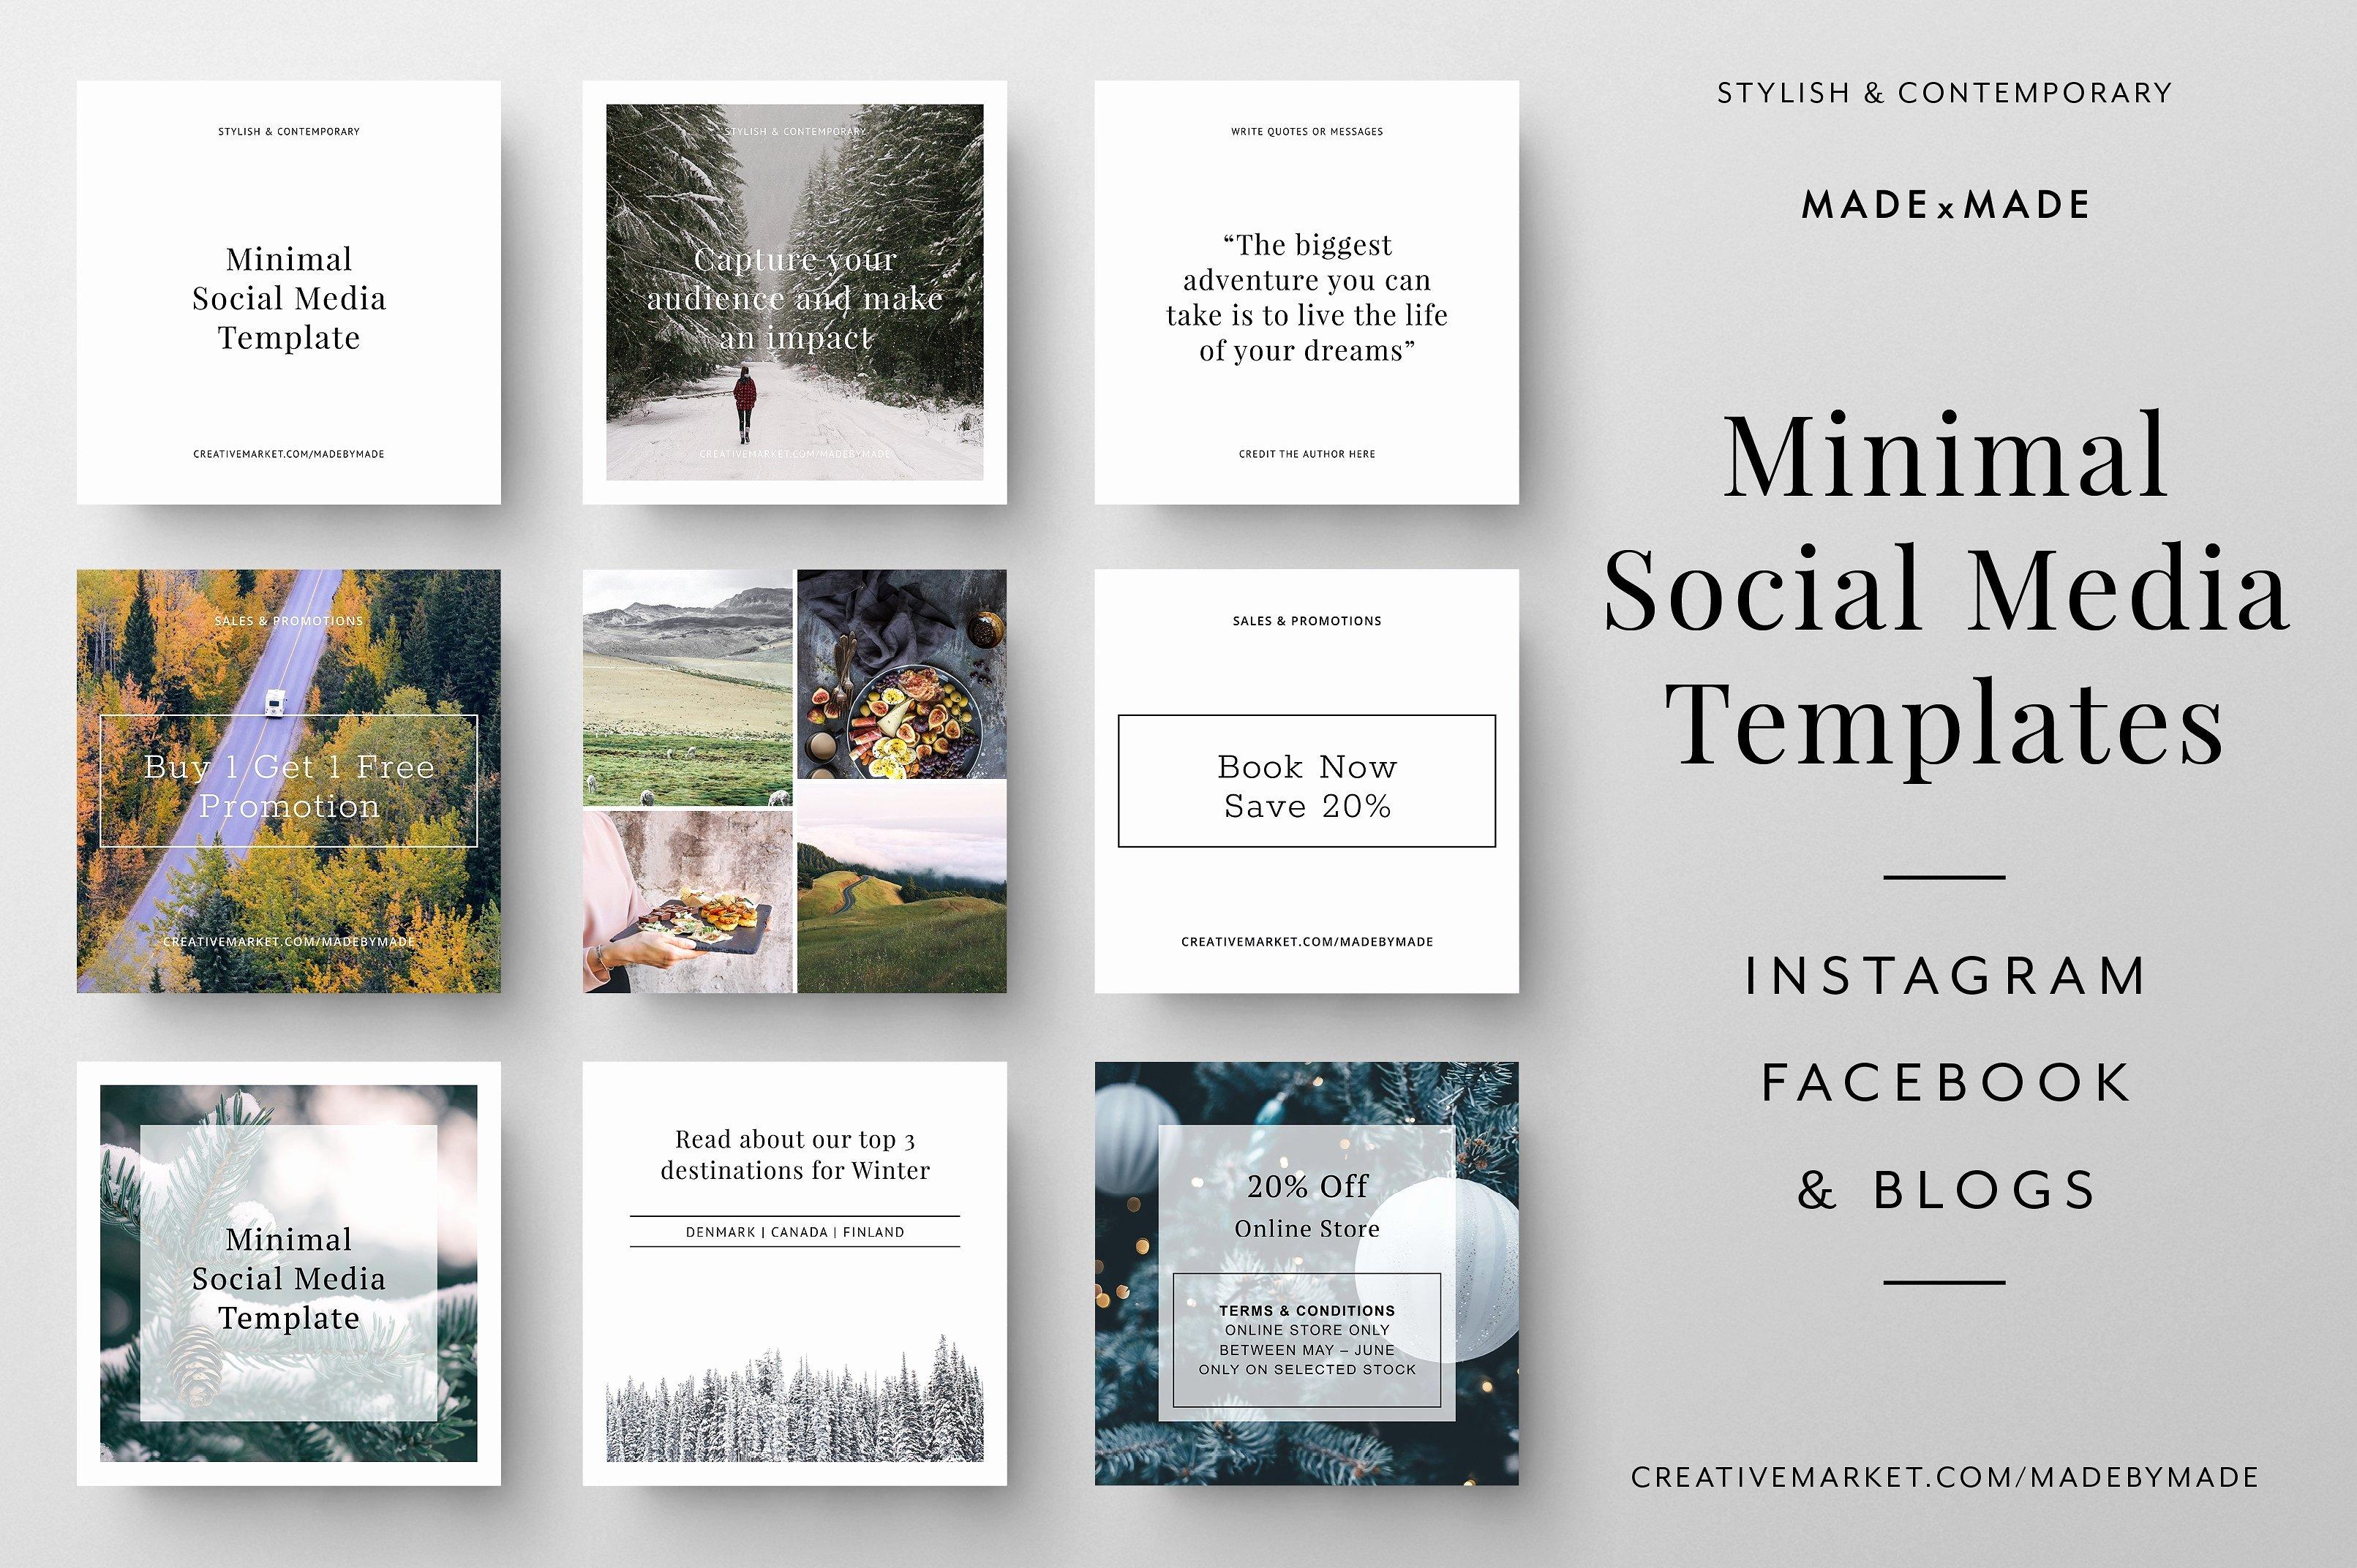 Minimal Social Media Templates